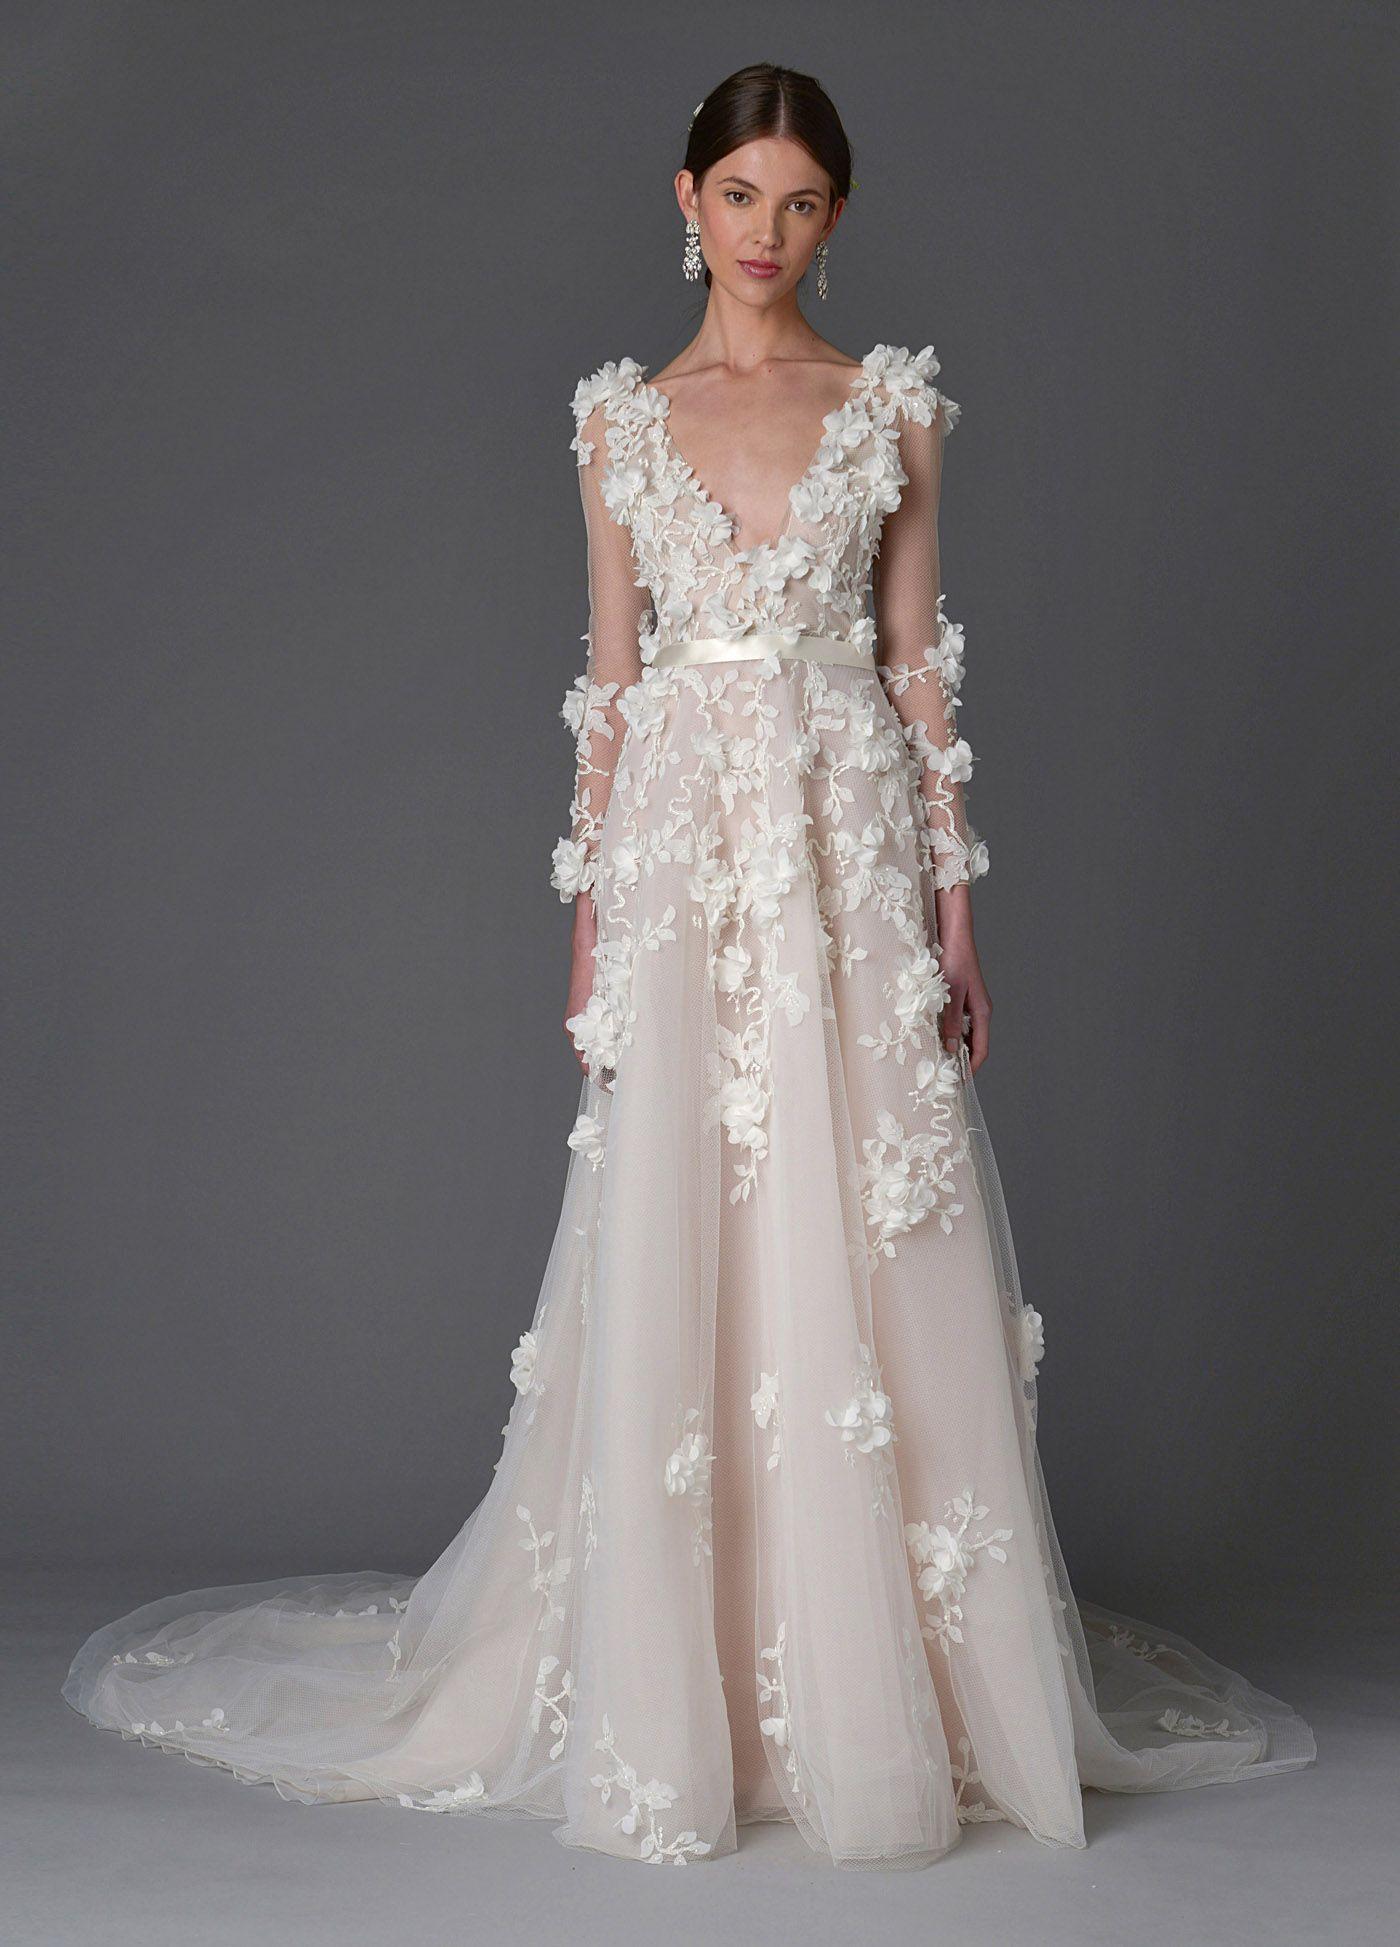 80c6a537081b Pinterest Picks – Spring Summer Wedding Dress Inspiration